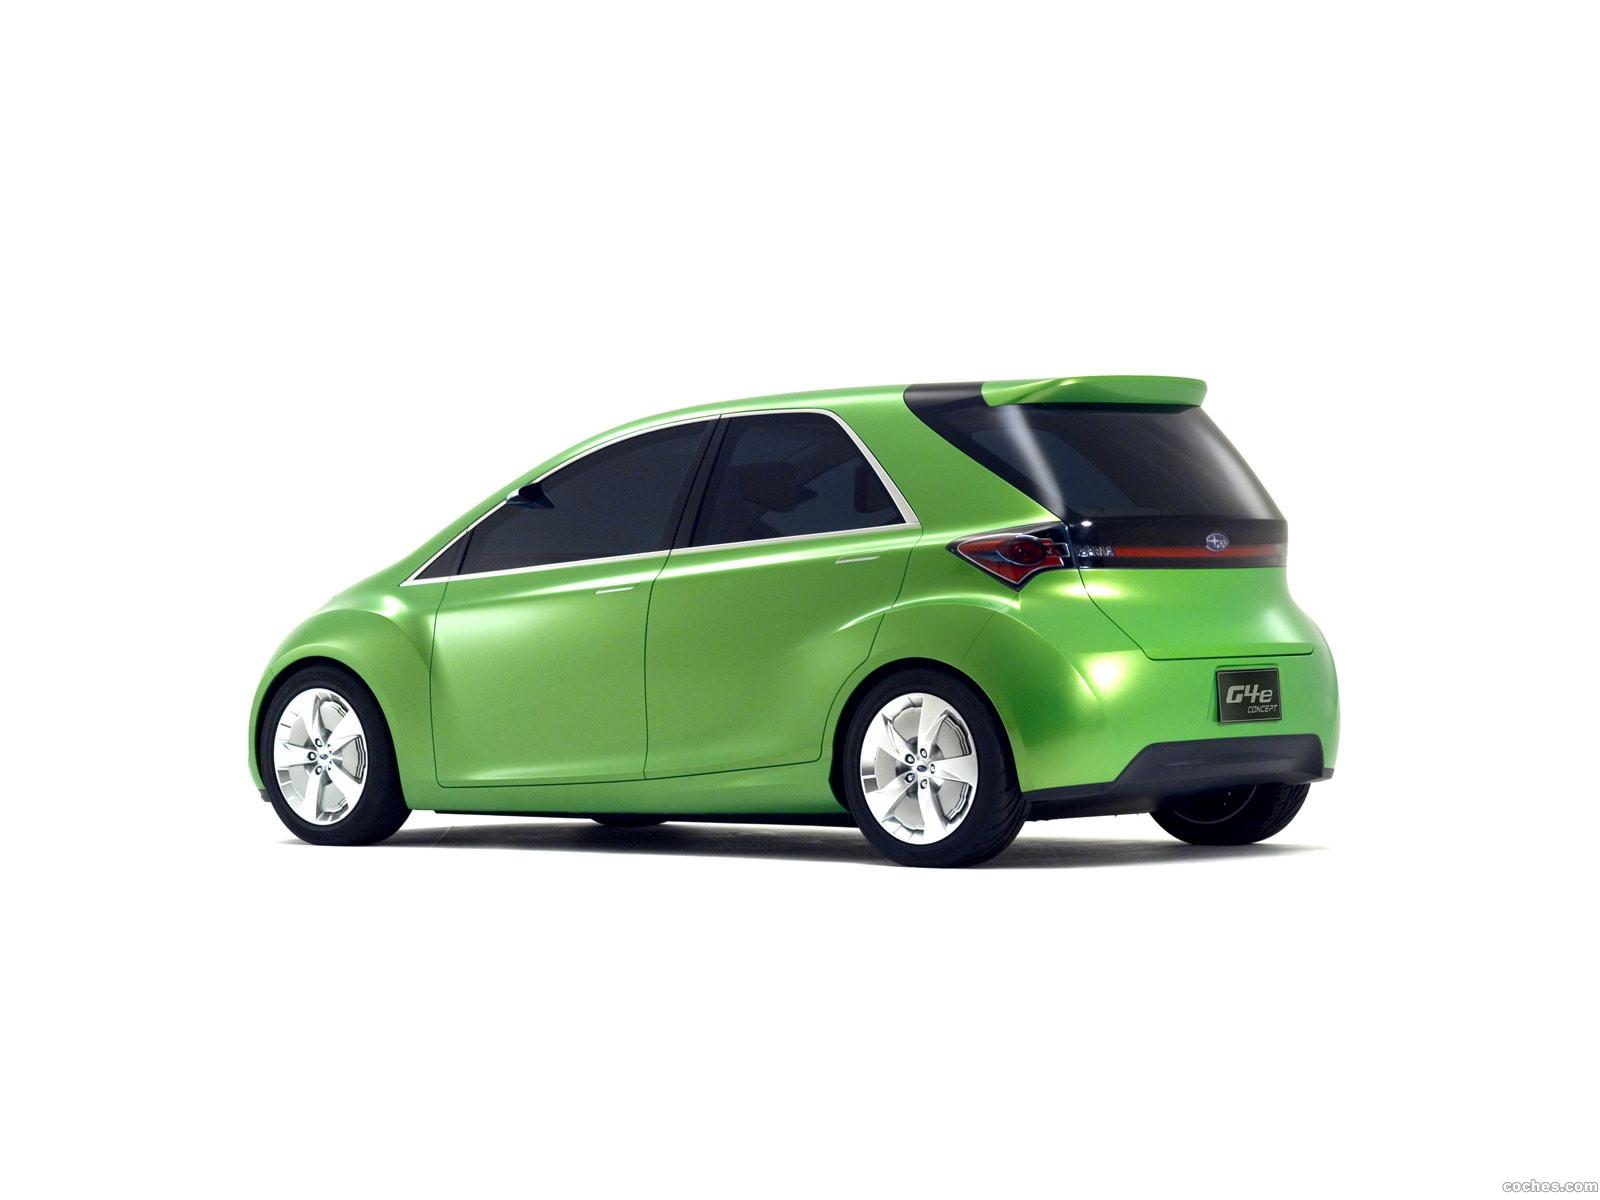 Foto 1 de Subaru G4E Concept 2007